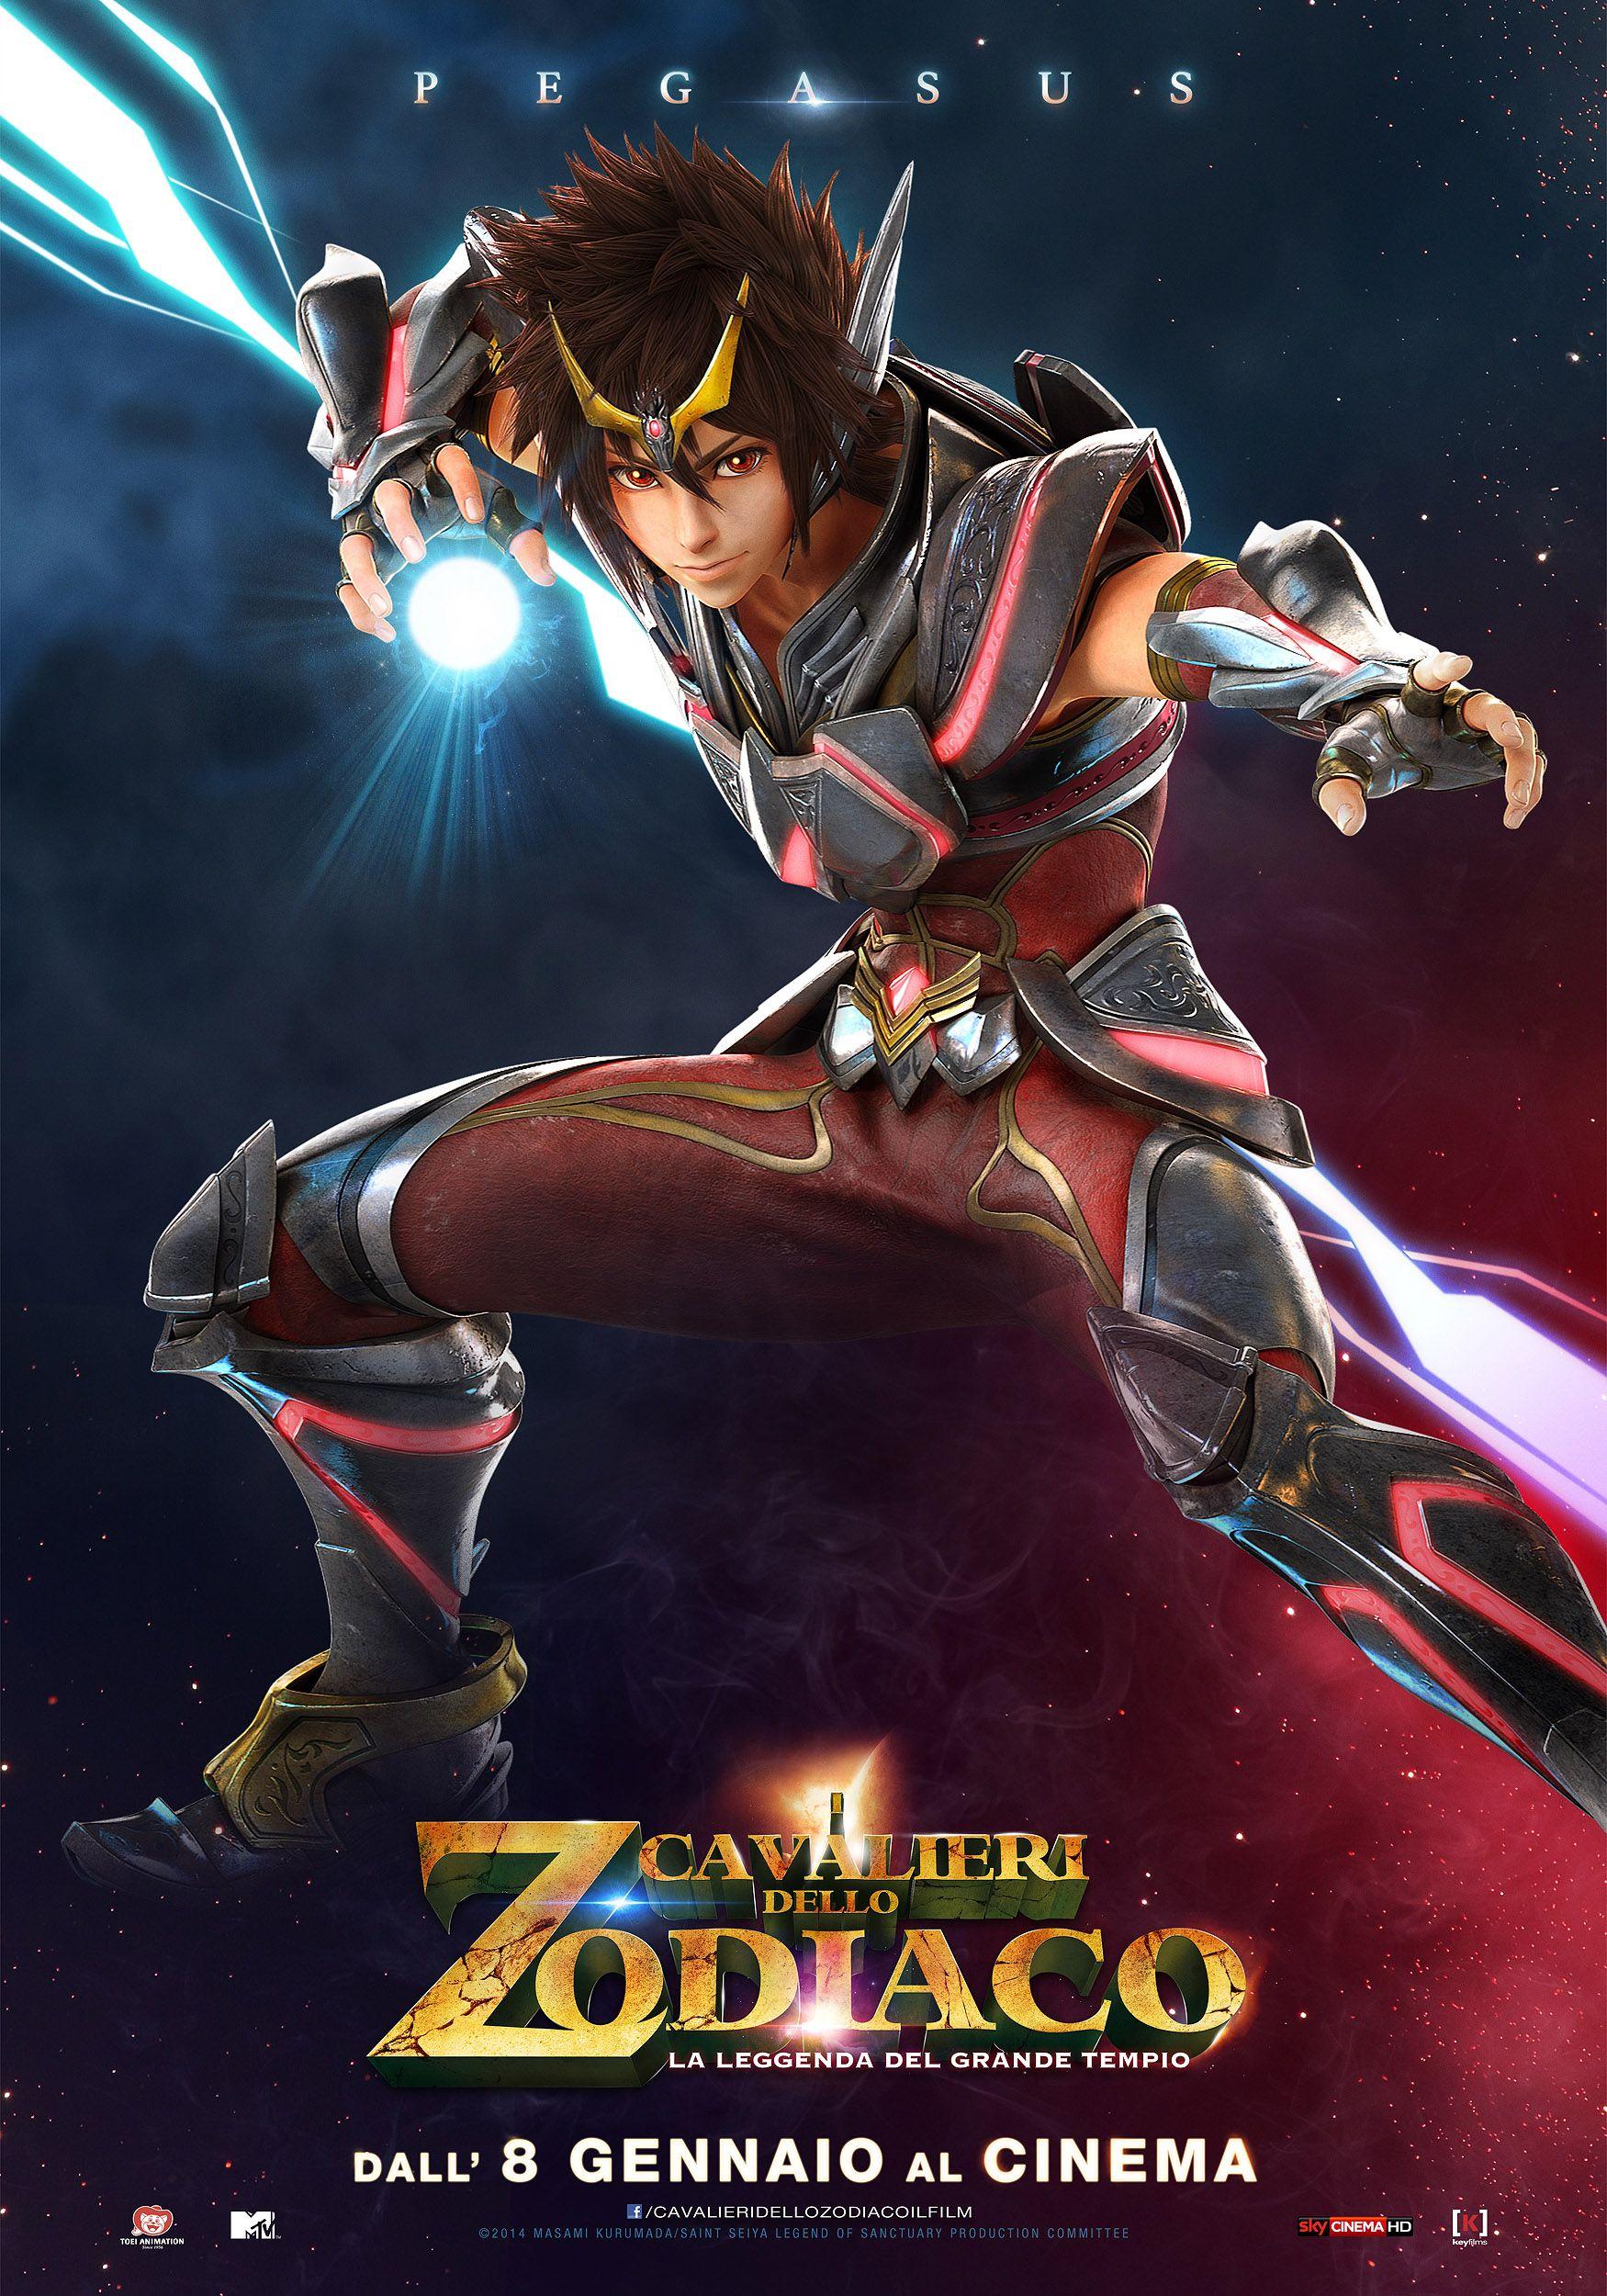 I cavalieri dello zodiaco - La Leggenda del Grande Tempio: il character poster italiano di Pegasus